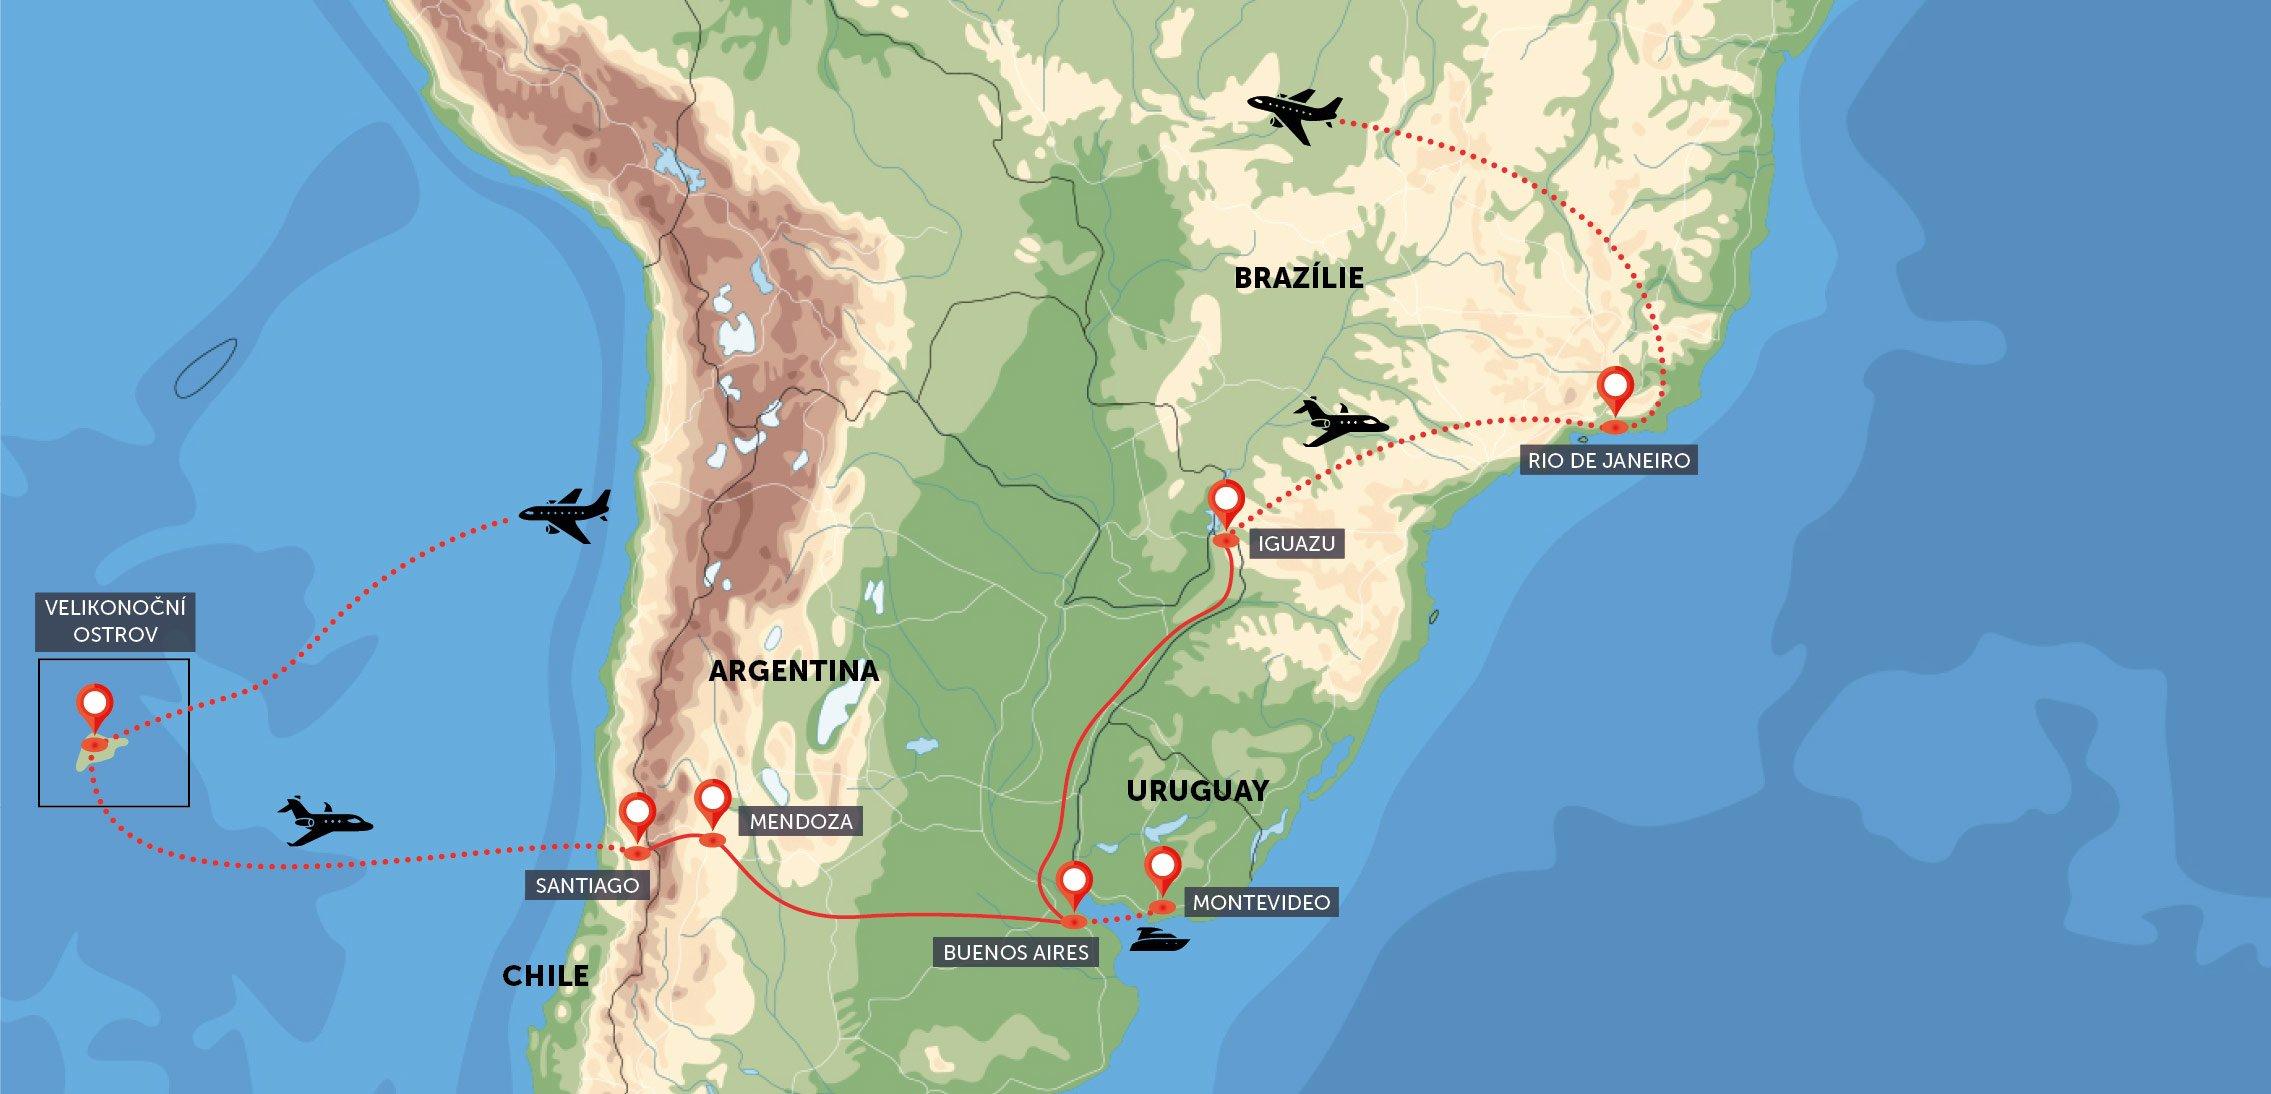 Velikonoční ostrov, Chile, Argentina, Brazílie, Uruguay